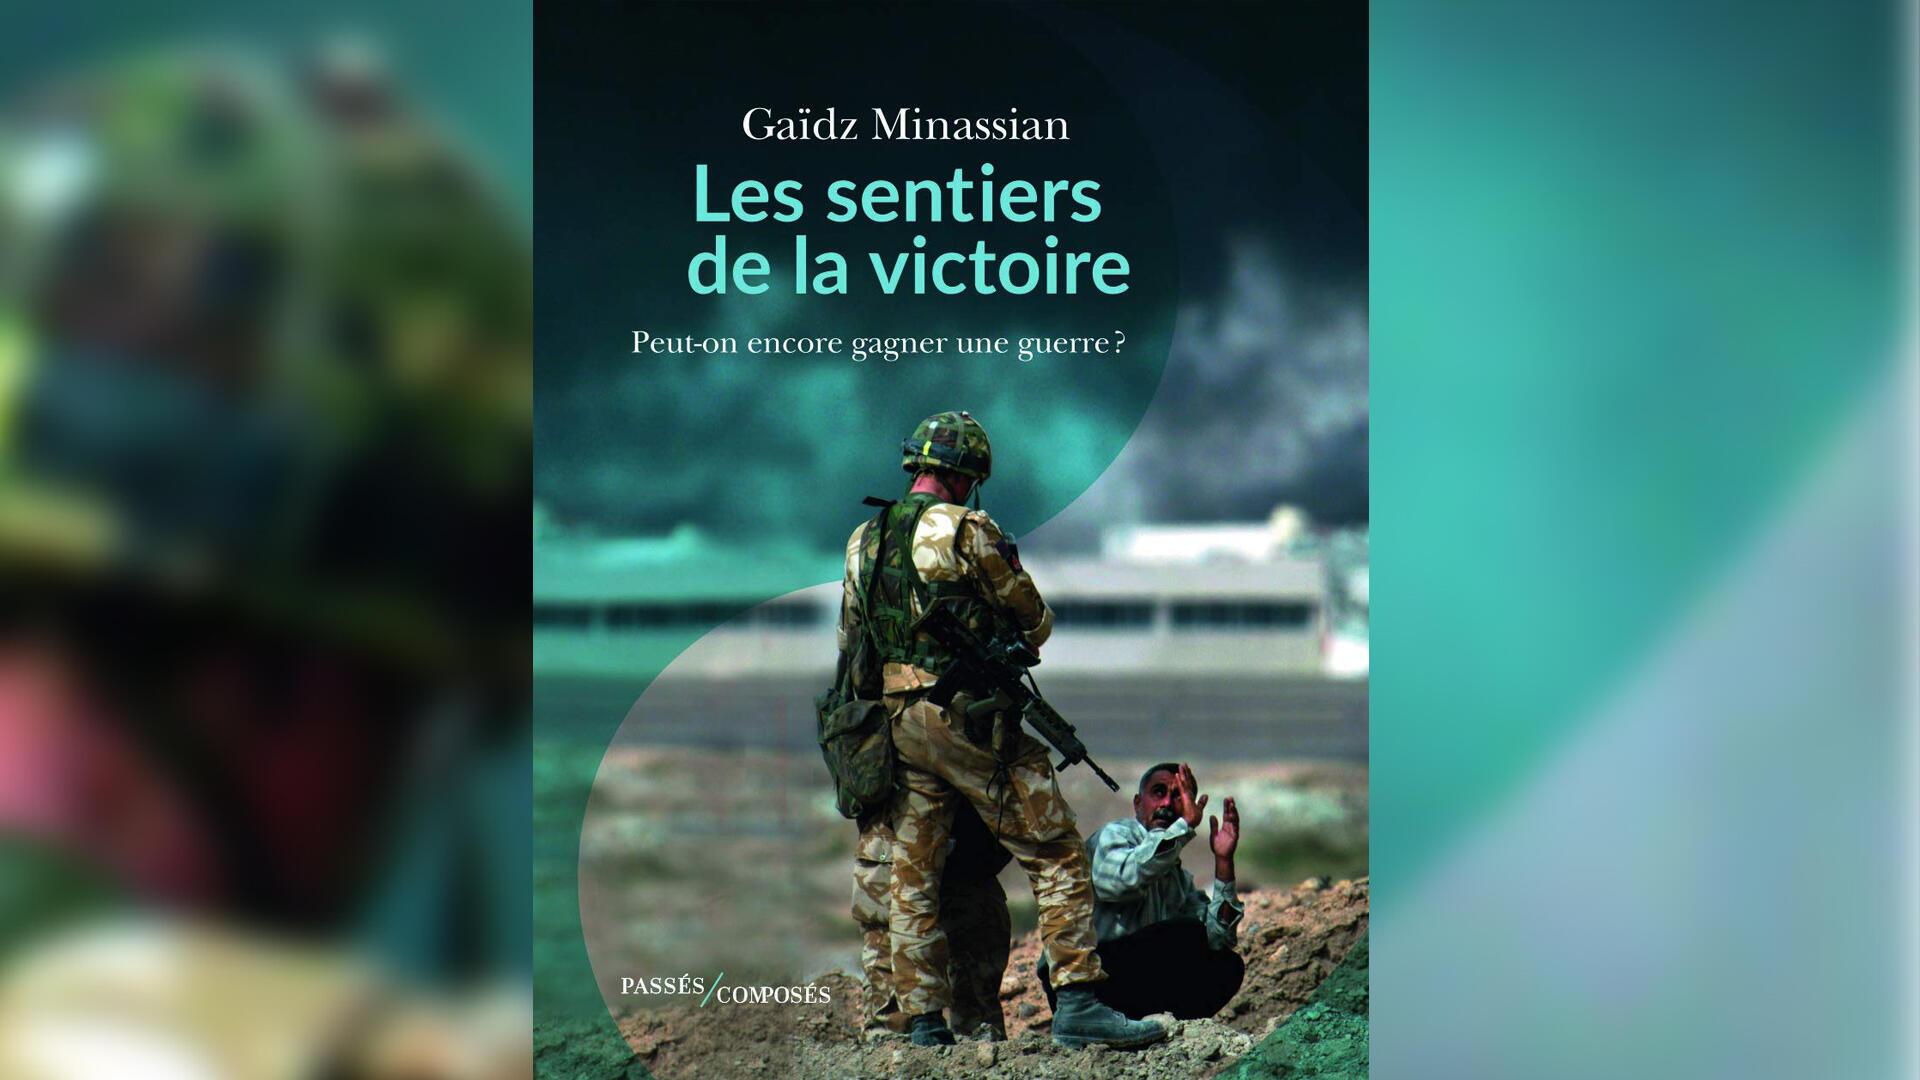 «Les sentiers de la victoire. Peut-on encore gagner une guerre?», de Gaïdz Minassian.